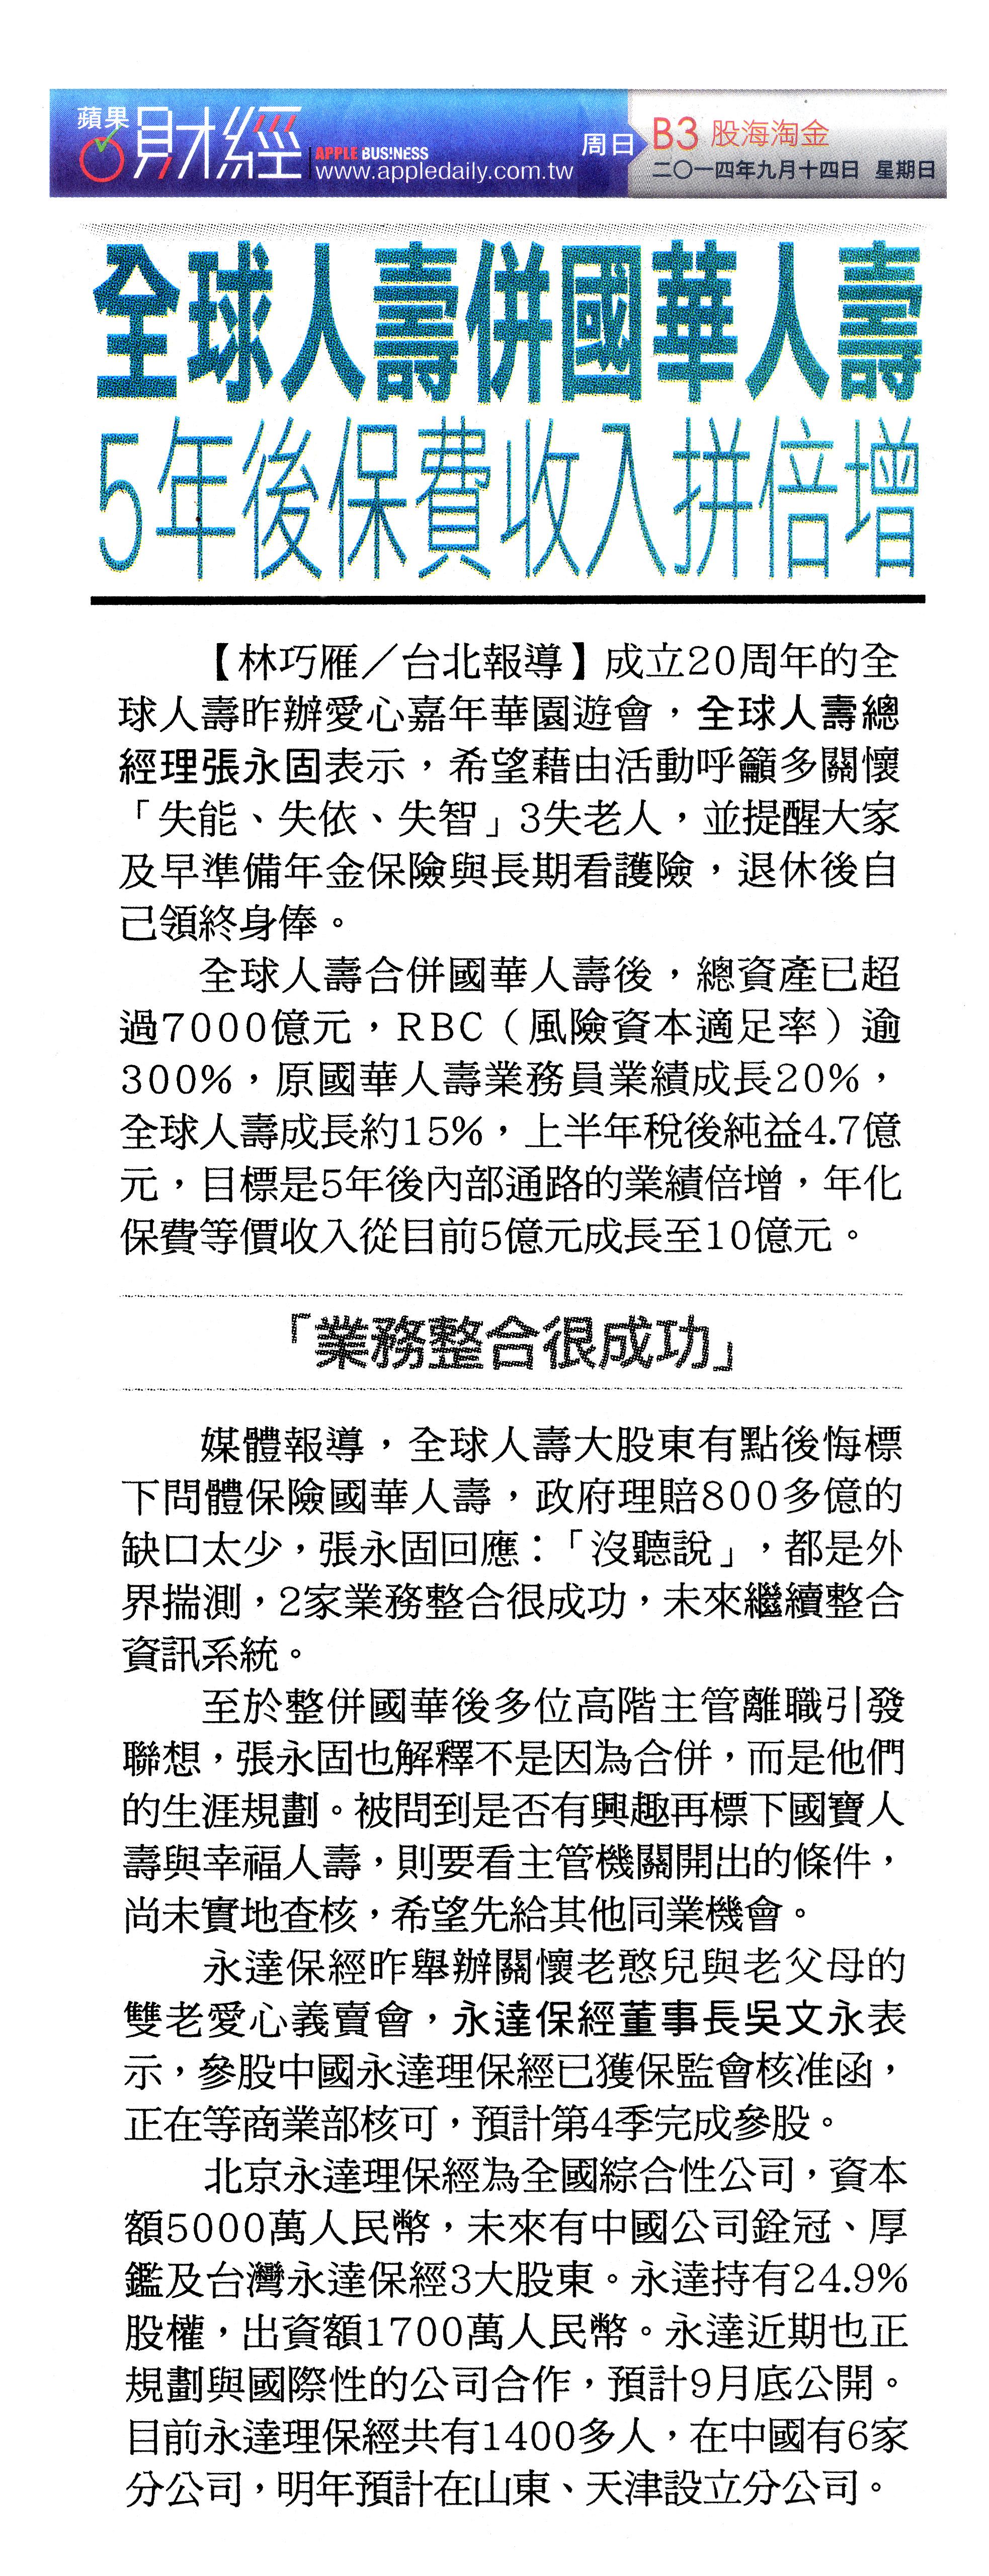 全球人壽併國華人壽 5年後保費收入拼倍增報導圖檔